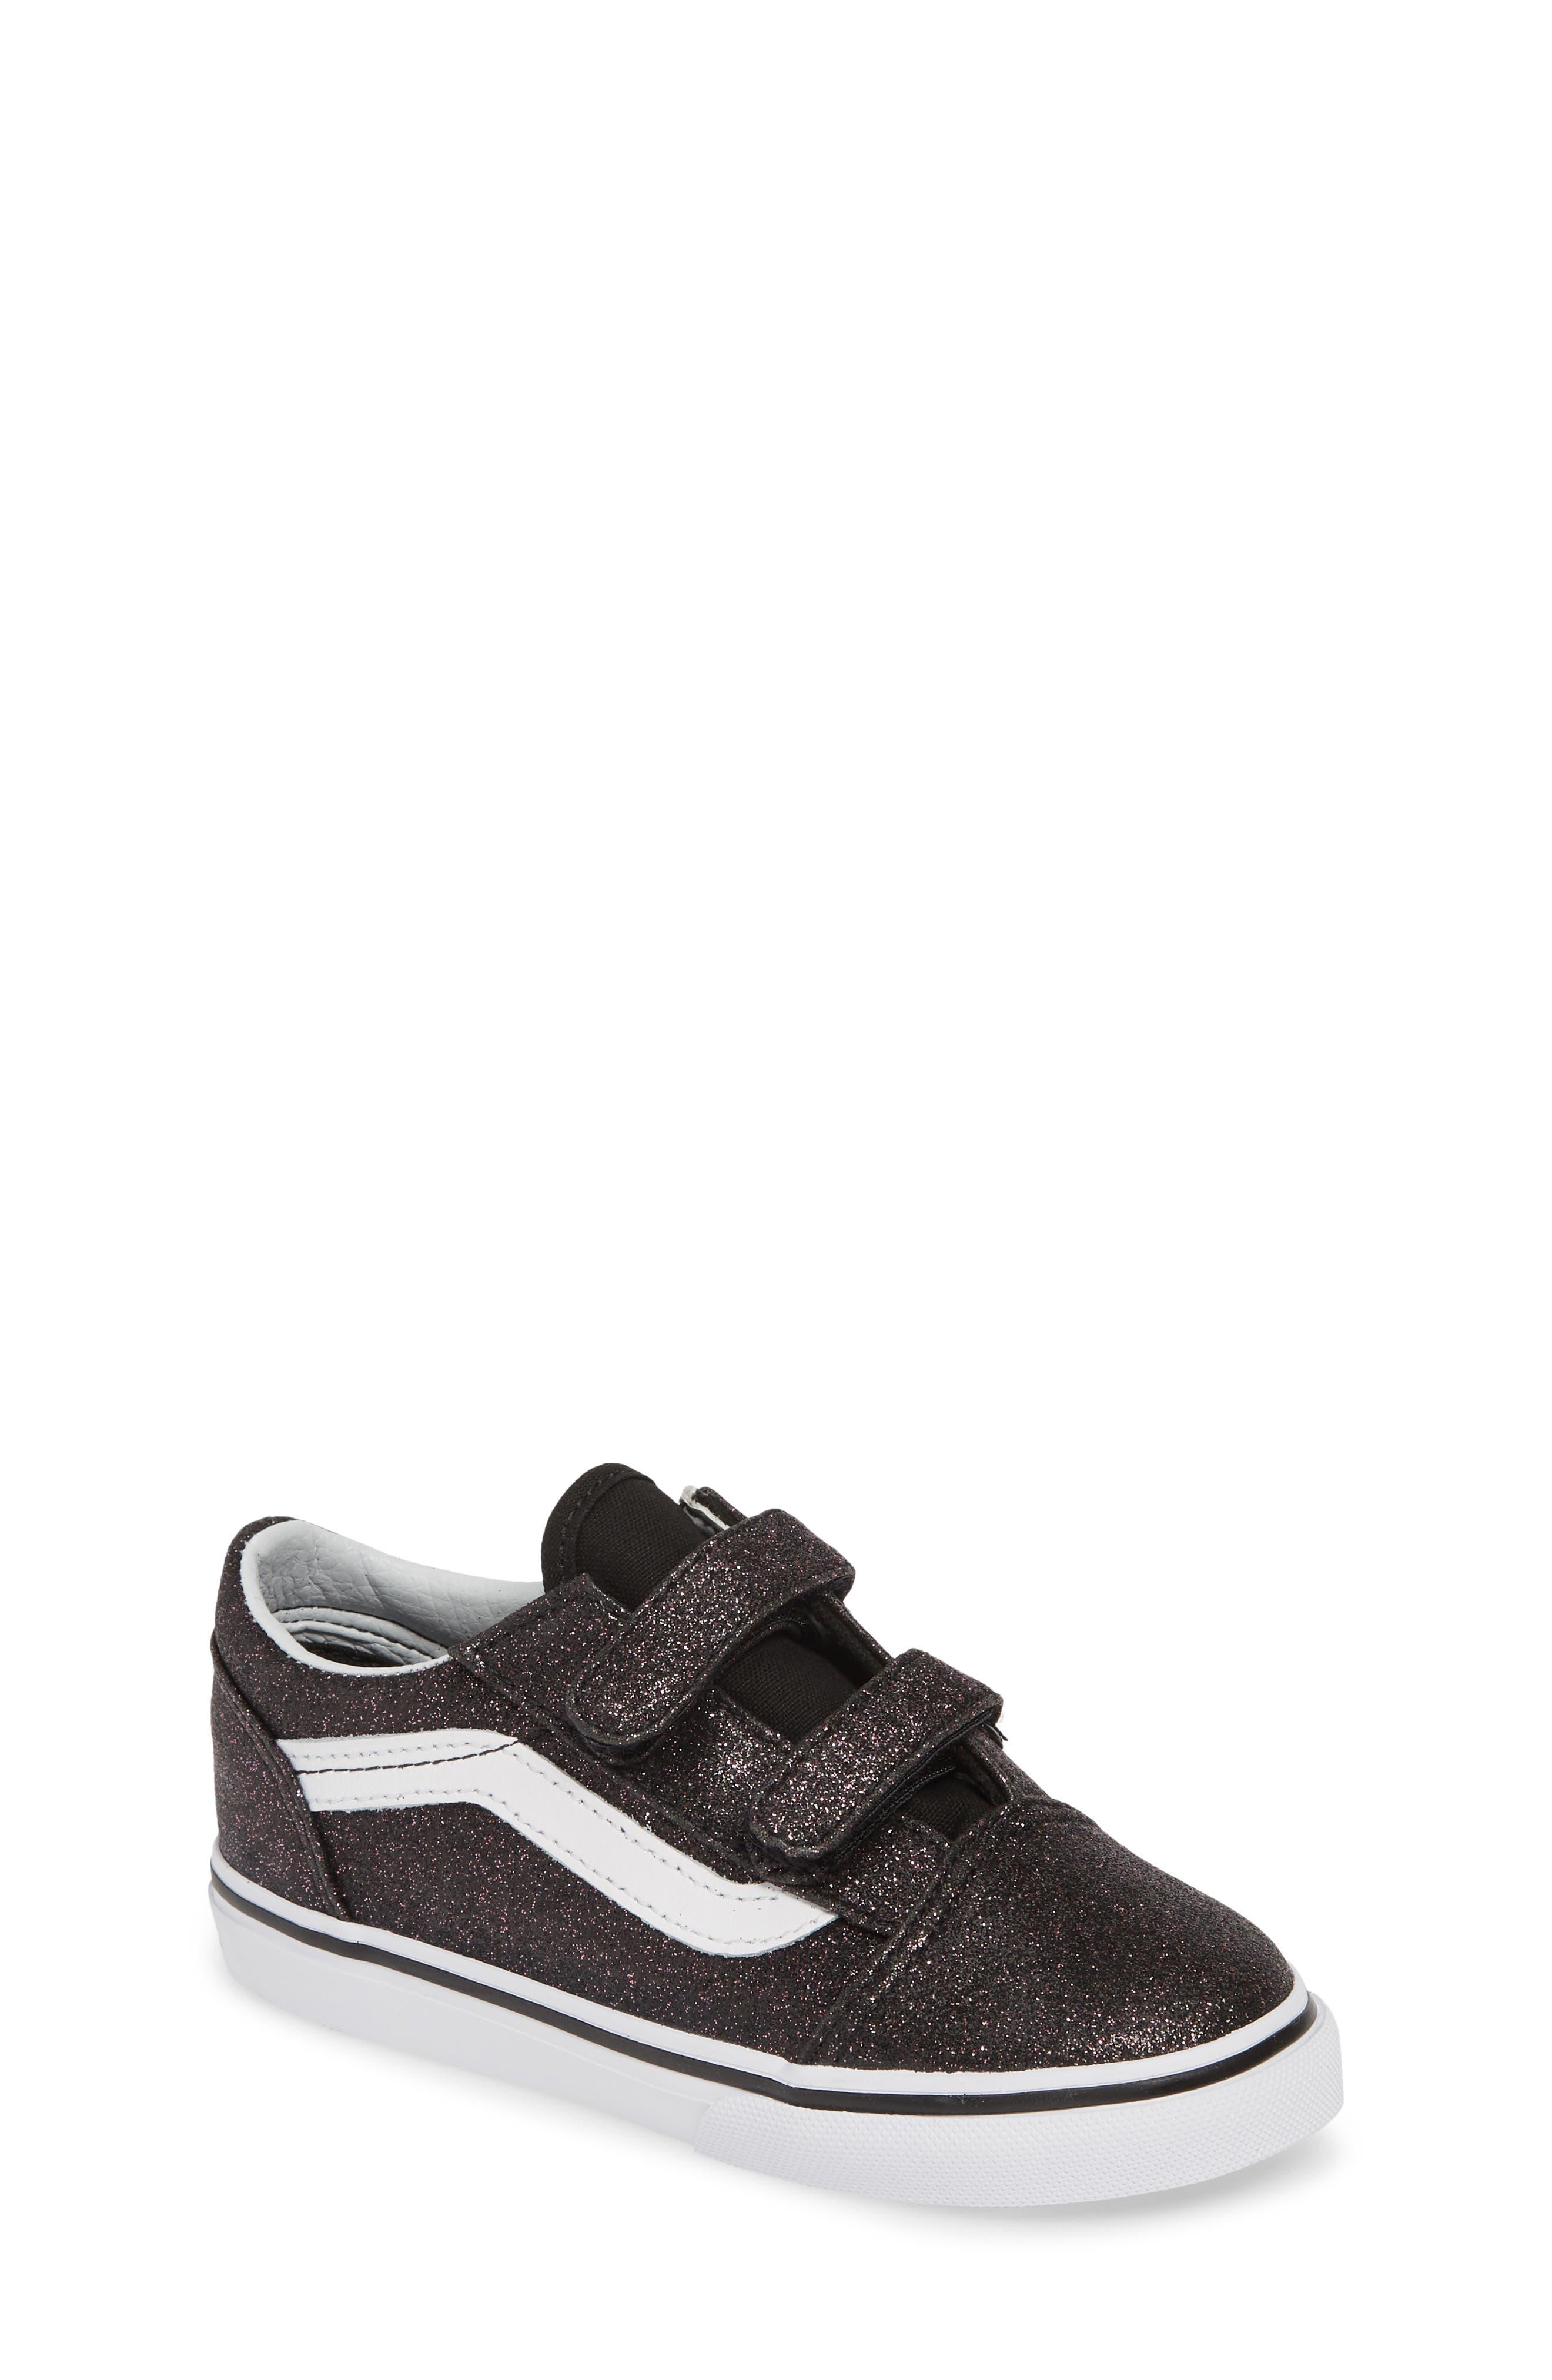 VANS Old Skool V Glitter Sneaker, Main, color, GLITTER STARS BLACK/ WHITE